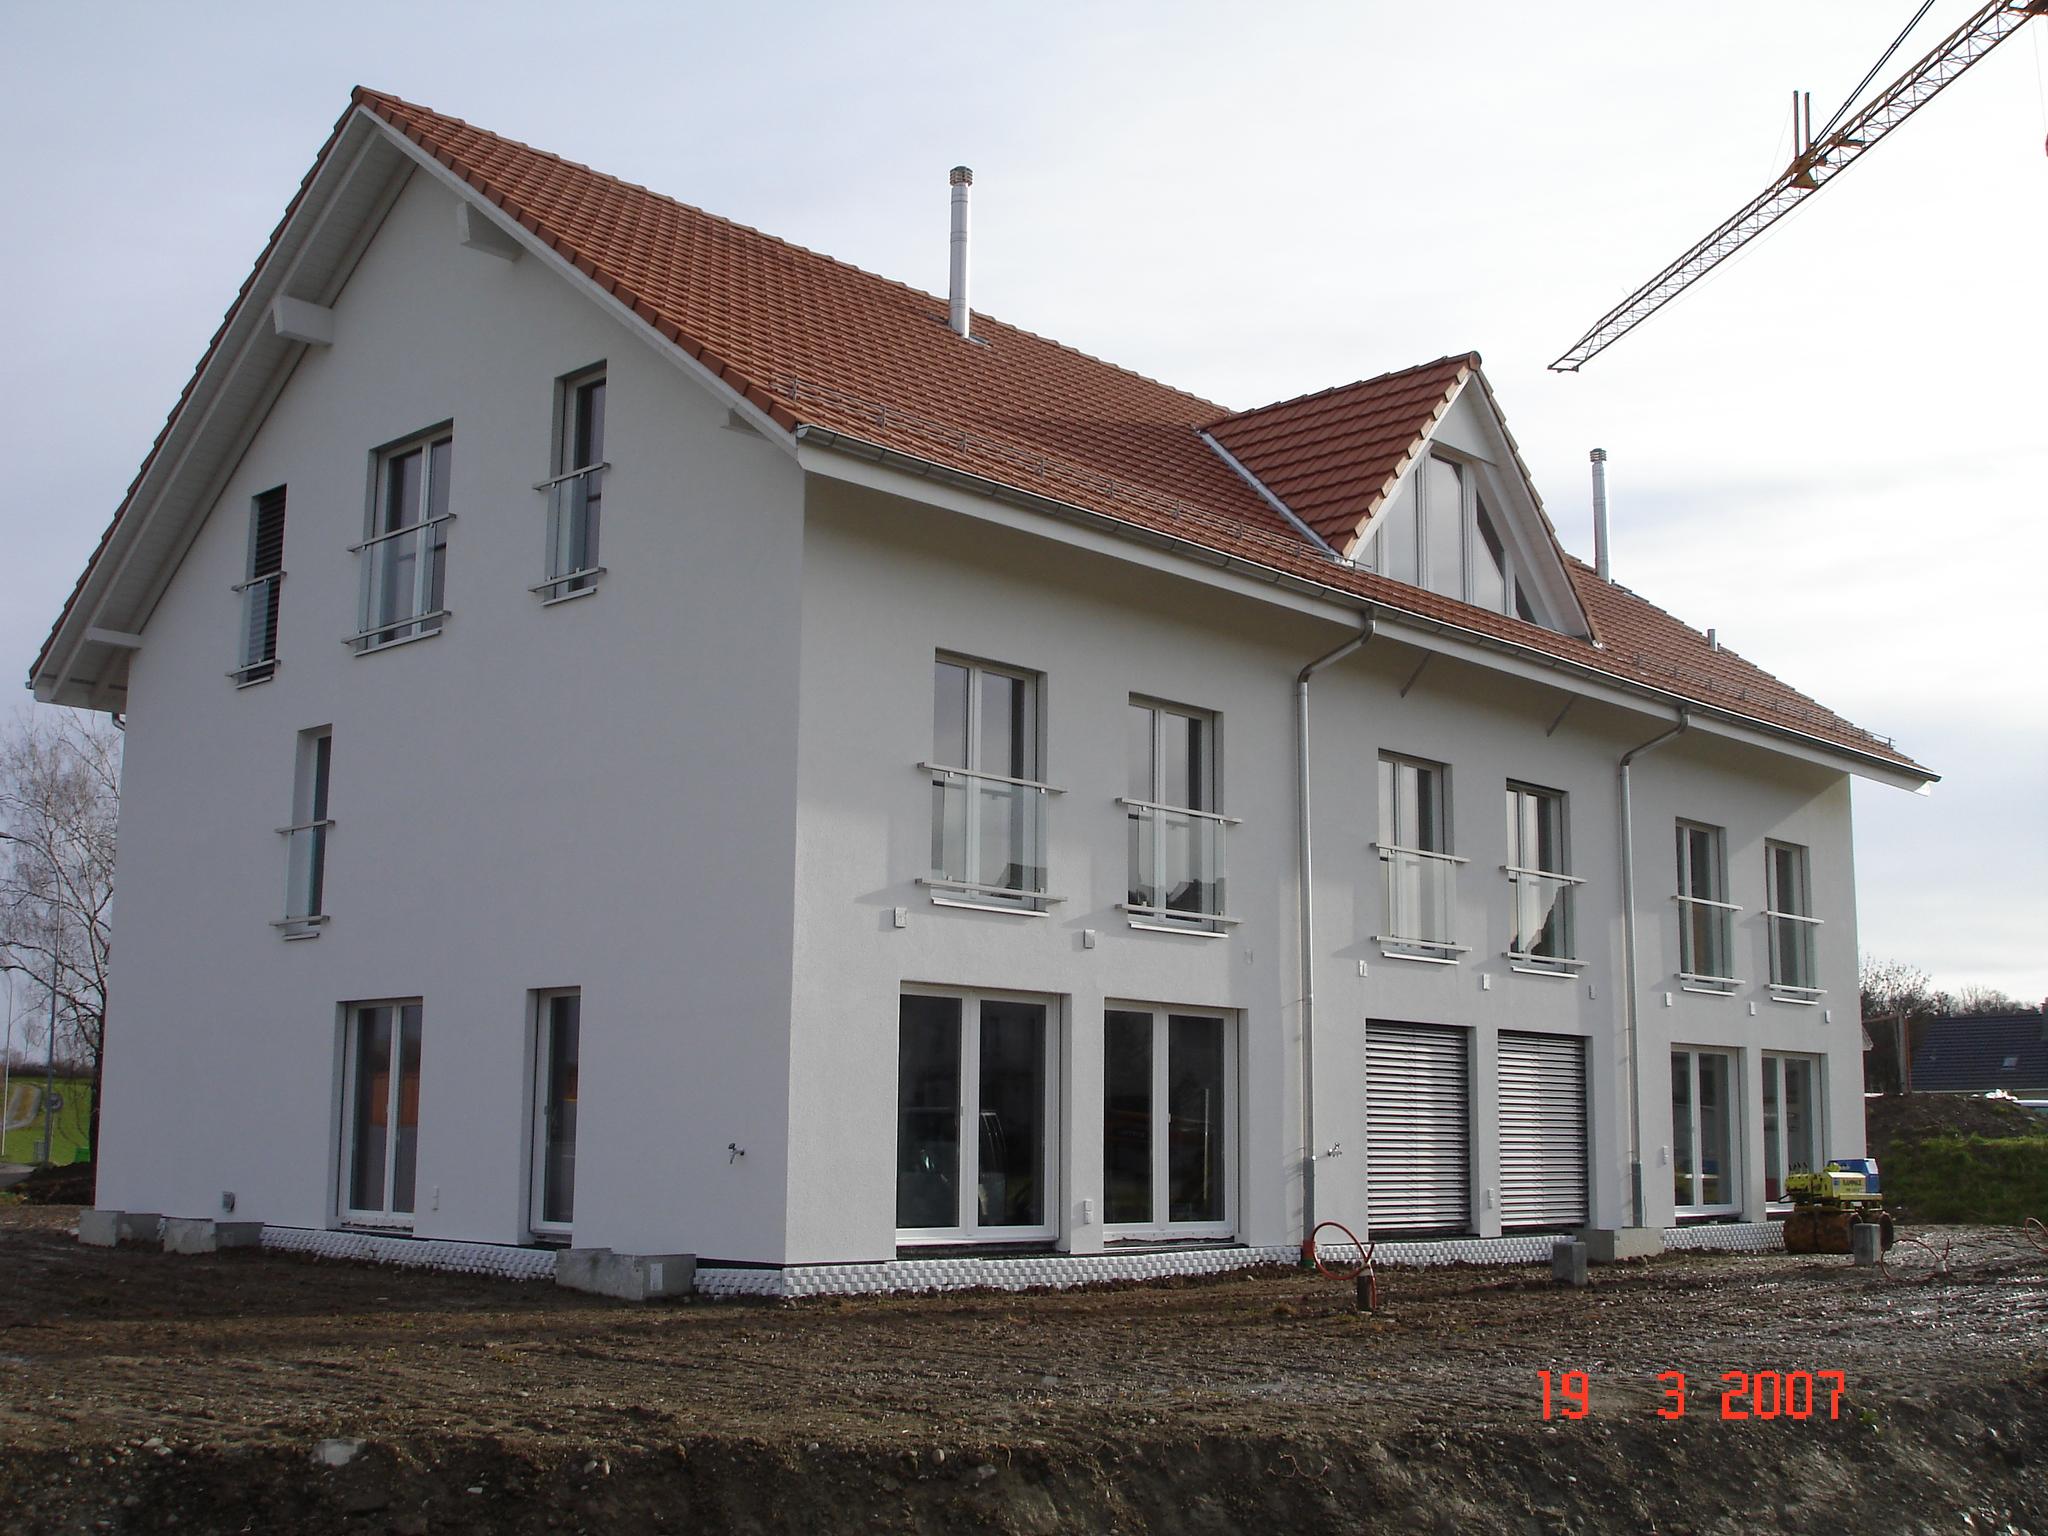 045 DEFH Dählenweg Schüpfen (1)